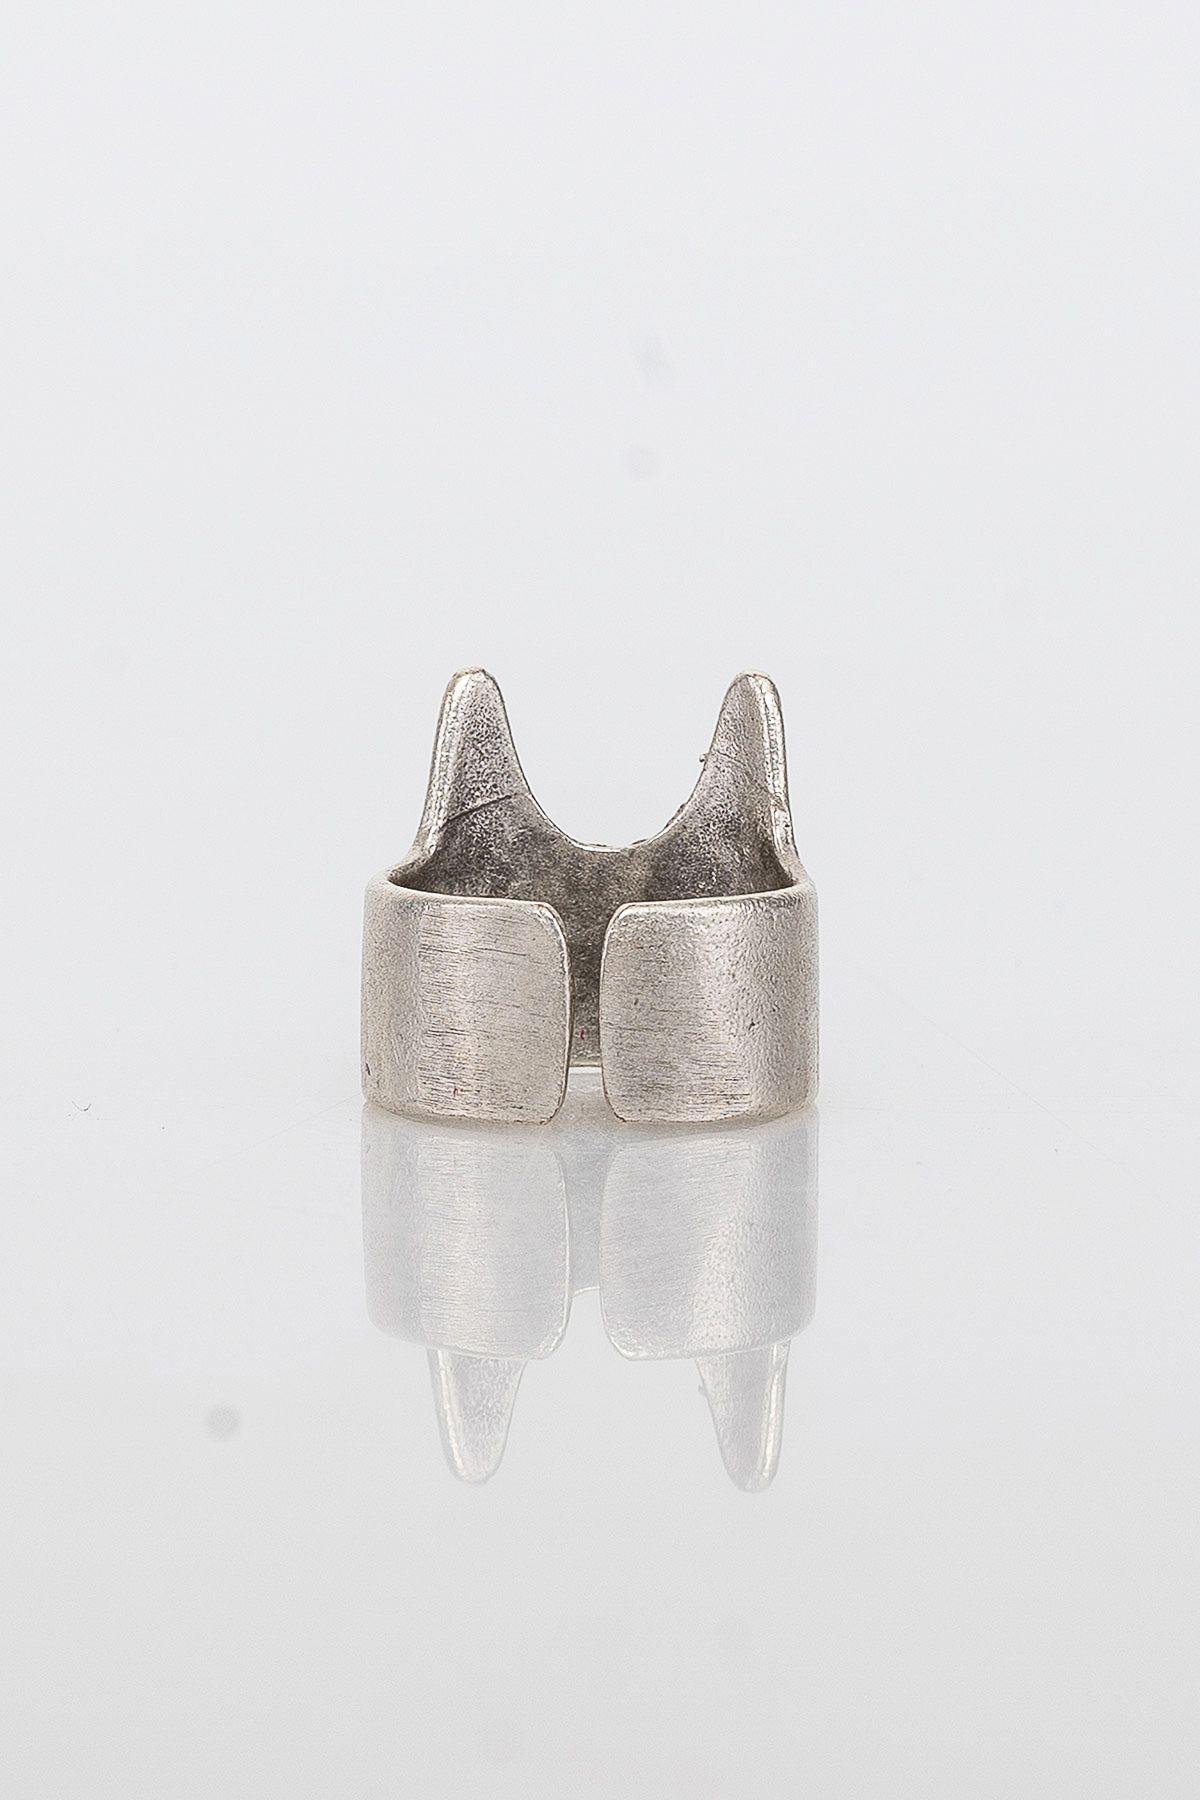 Pegia Deri Çantalı Vintage Tasarım Yüzük 19YZ15 Gümüş